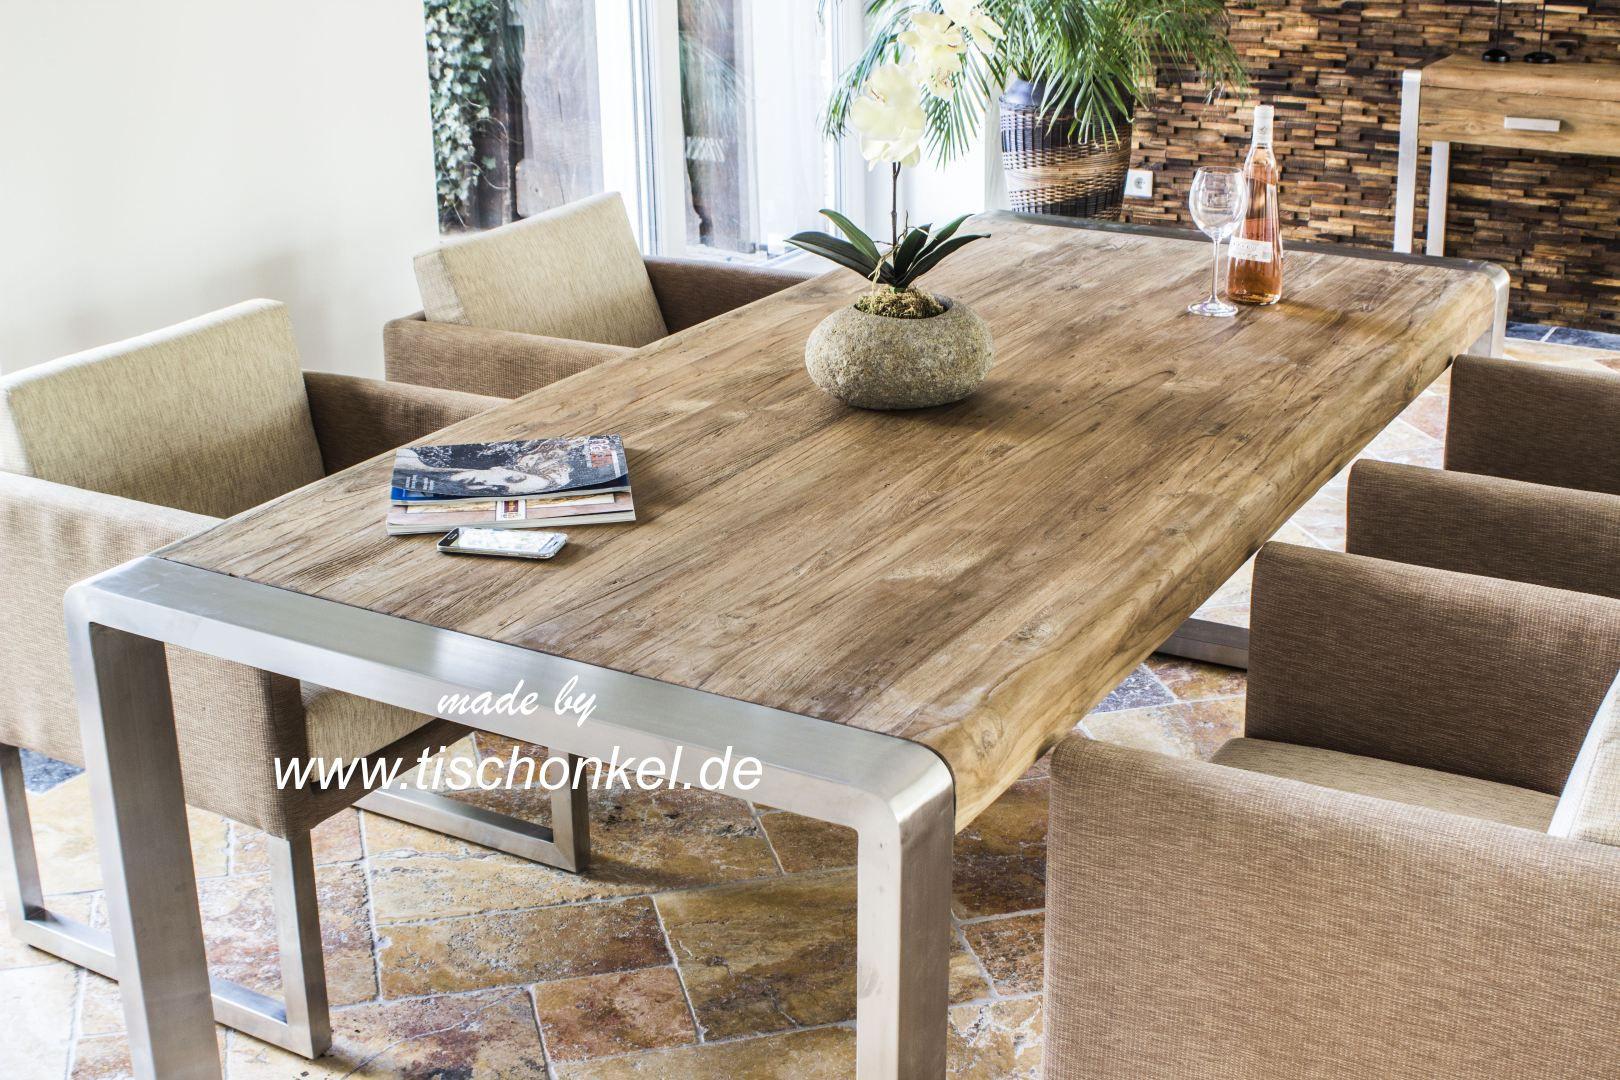 Holz Esstisch  Esstisch aus recyceltem Holz mit Edelstahl Der Tischonkel